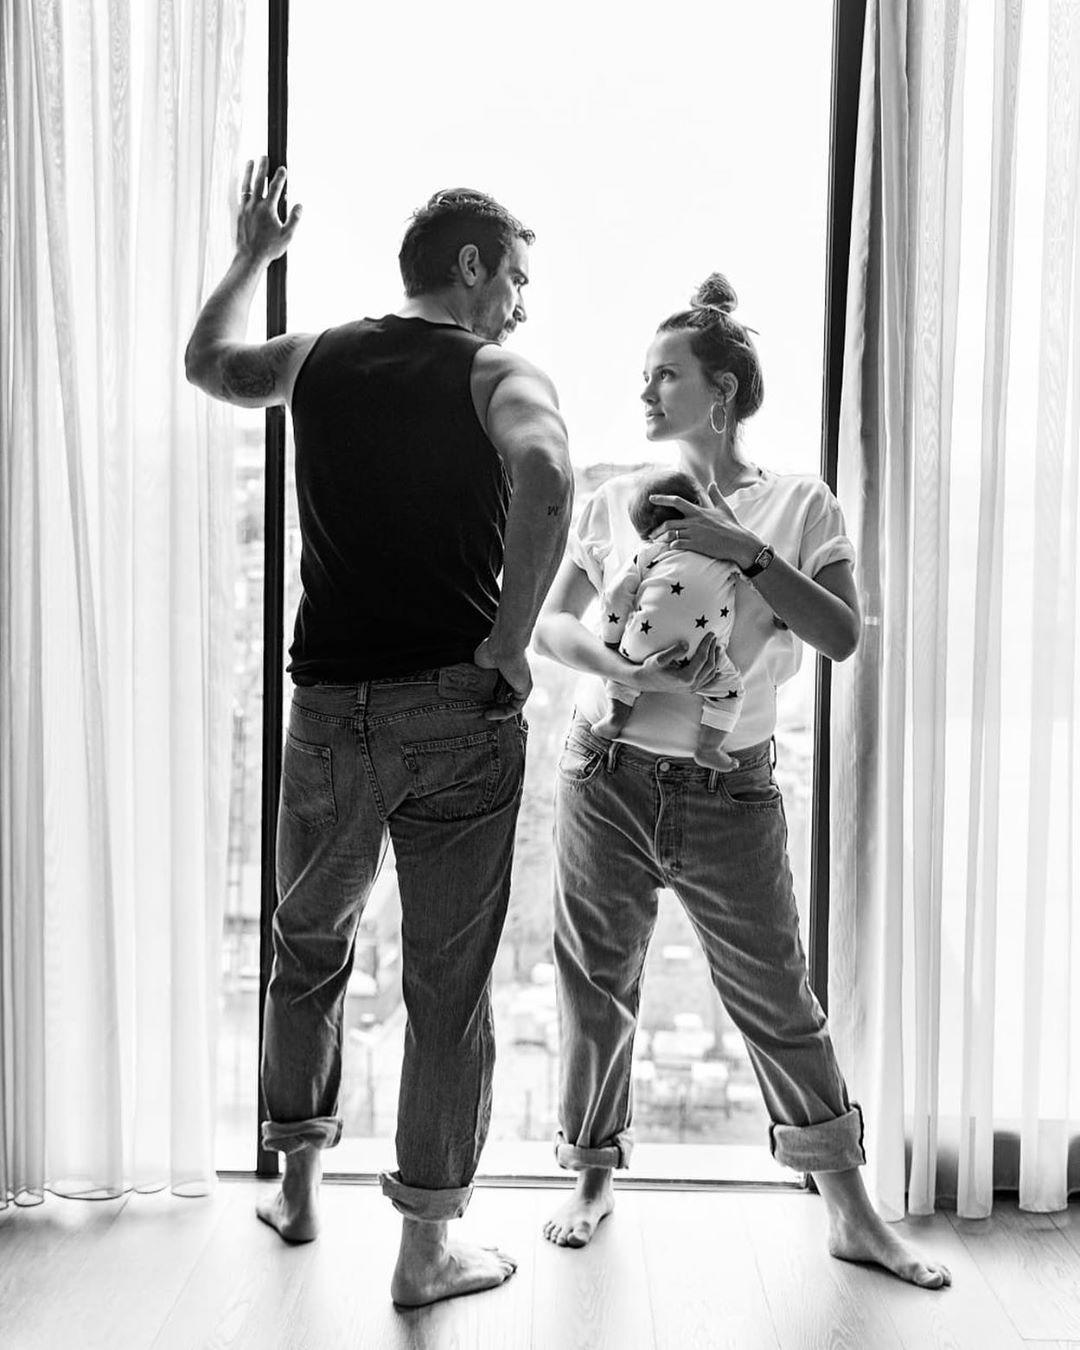 Karizmatik Oyuncu İbrahim çelikkol Ve Eşi Mihre Mutlu Nun Gözlerden Kalpler çıkartan Evliliğine Baktık Onedio Com The Handsome Family Turkish Actors Photo